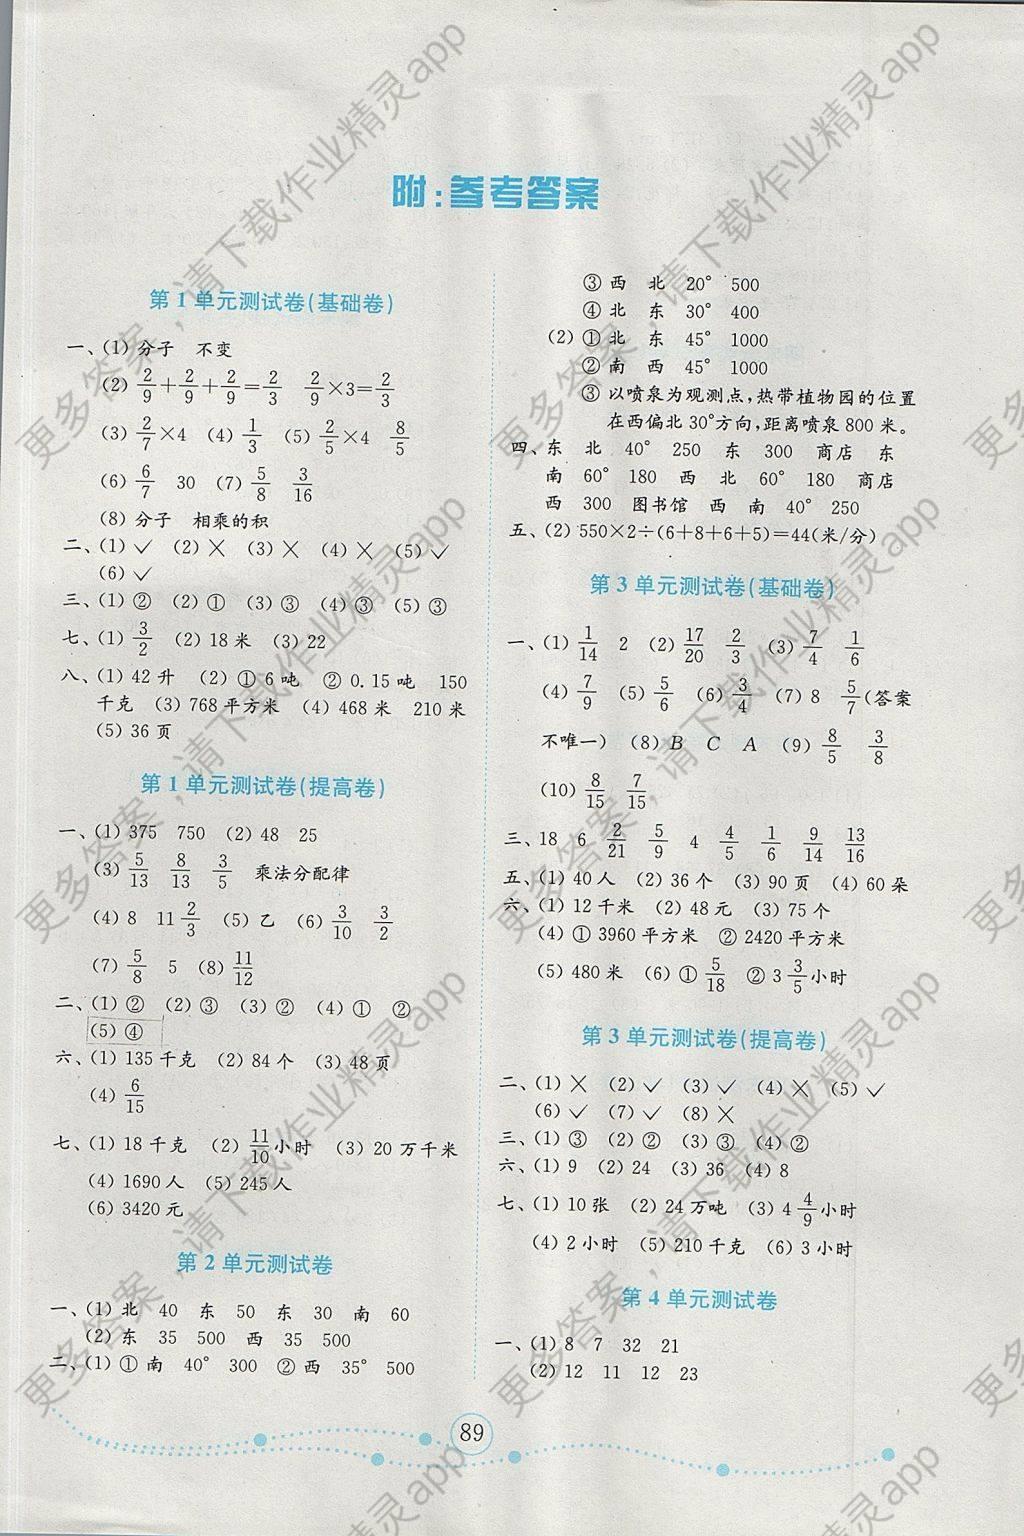 2017舞蹈小学人教数学试卷六上册年级年金版钥匙经典小学生图片